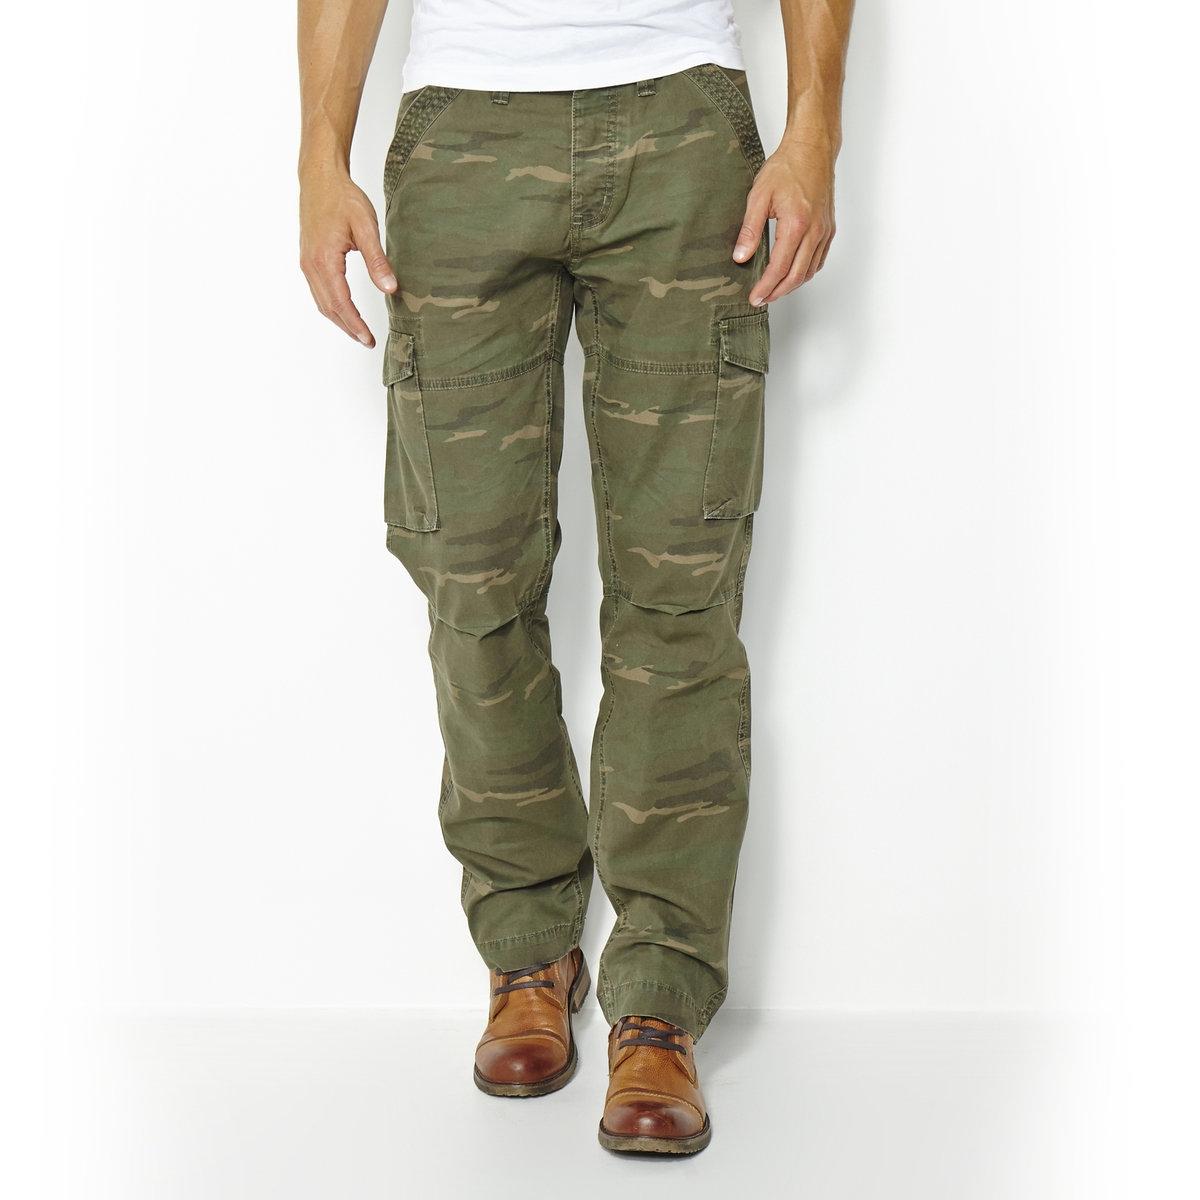 Pantaloni cargo fantasia mimetica puro cotone